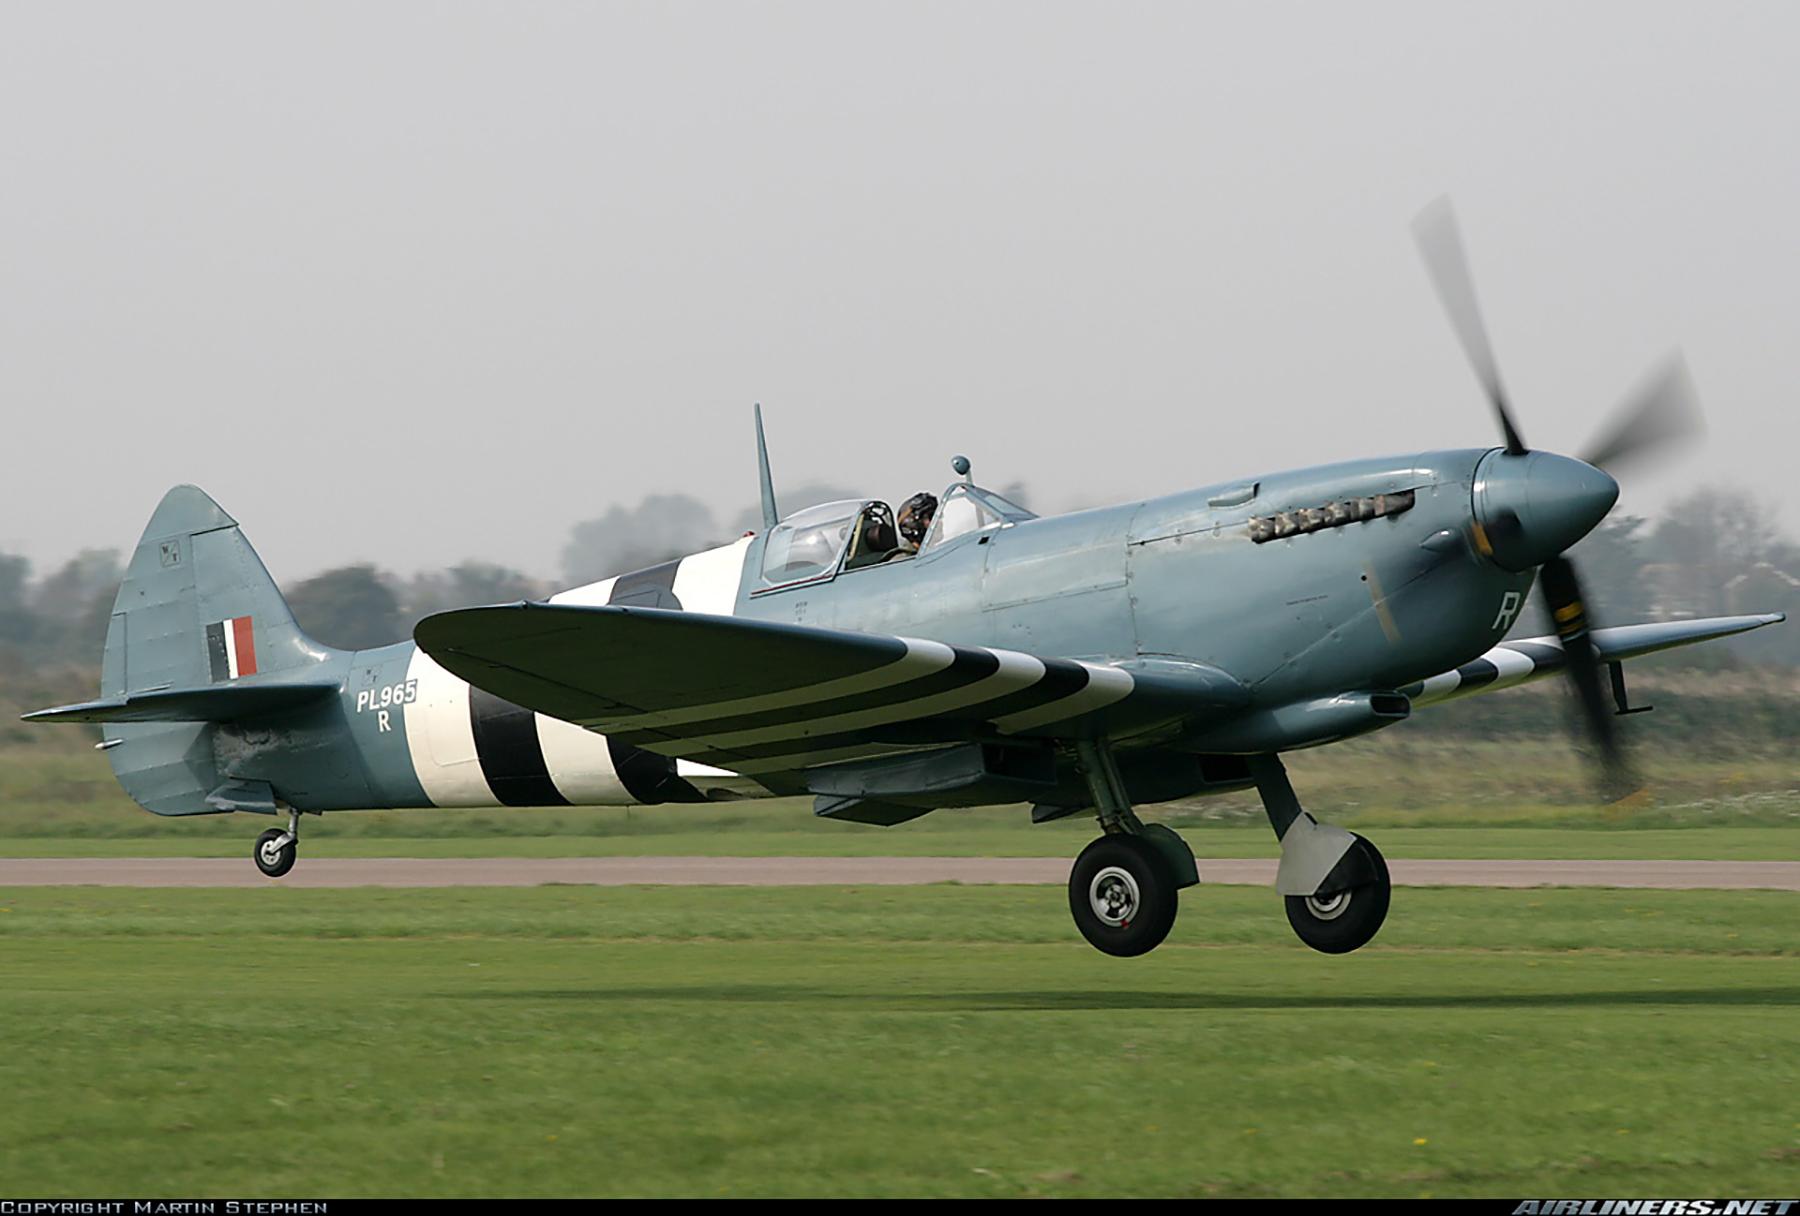 Airworthy Spitfire warbird PRXI RAF 16Sqn R PL965 29